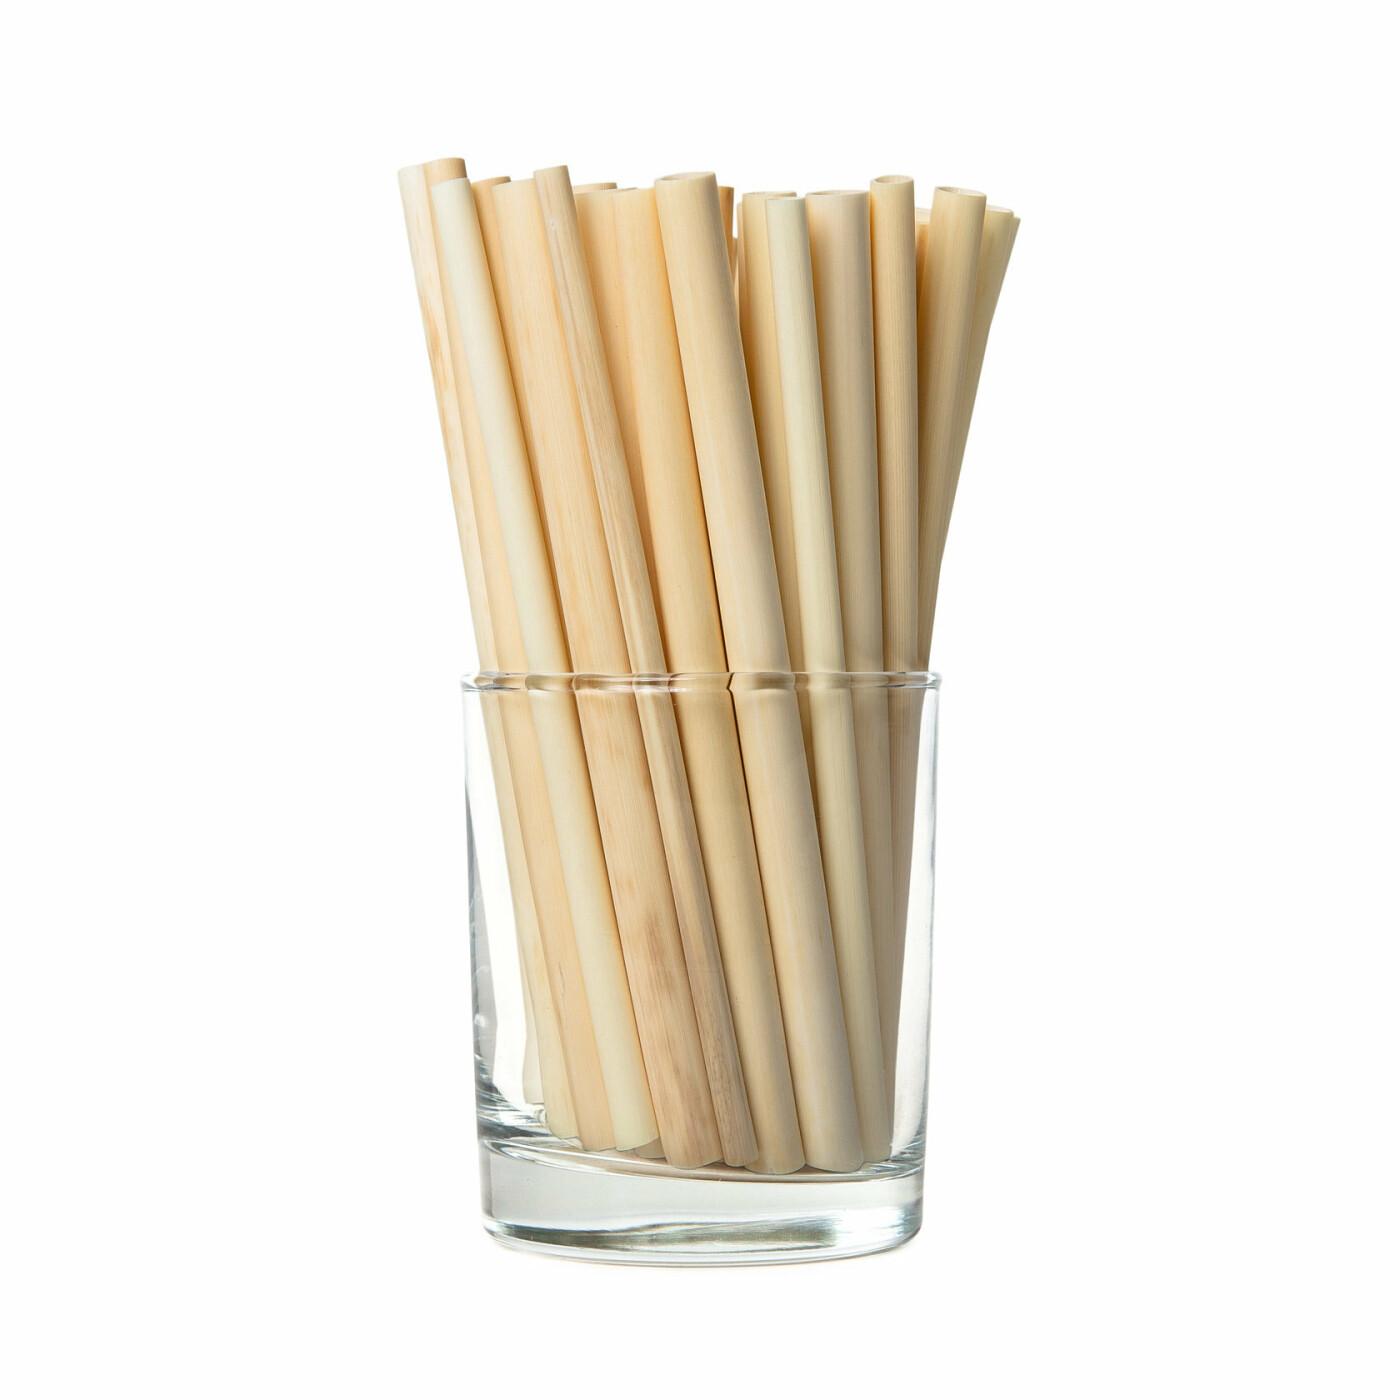 Екологічні соломинки для пиття, фото-1